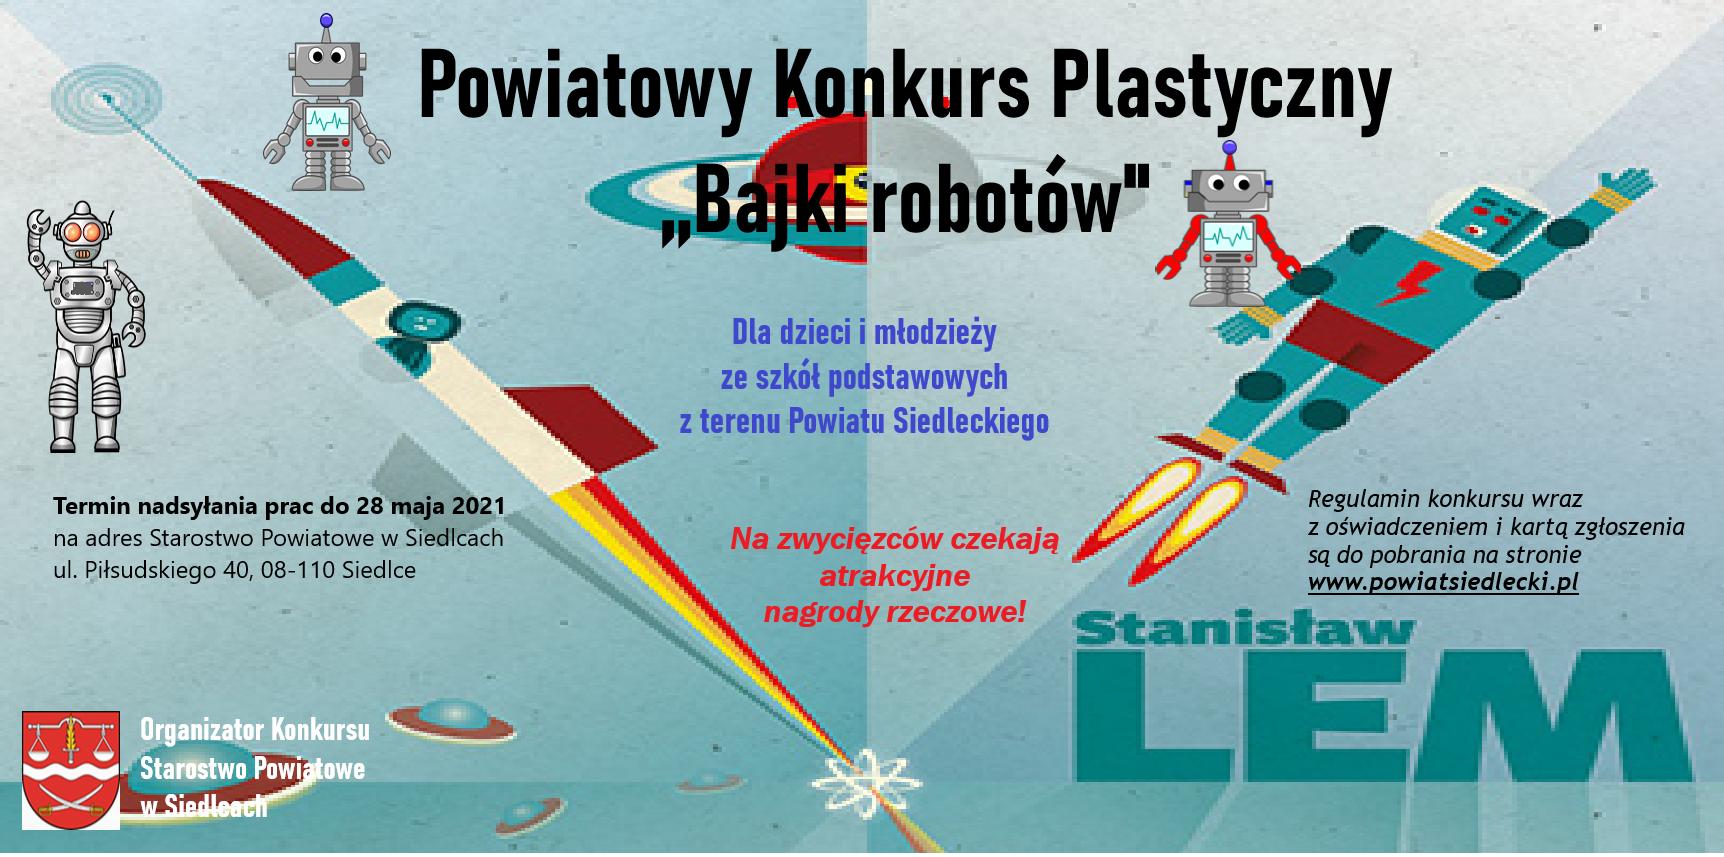 Powiatowym Konkursie Plastycznym ''Bajki robotów'', inspirowanym twórczością Stanis�